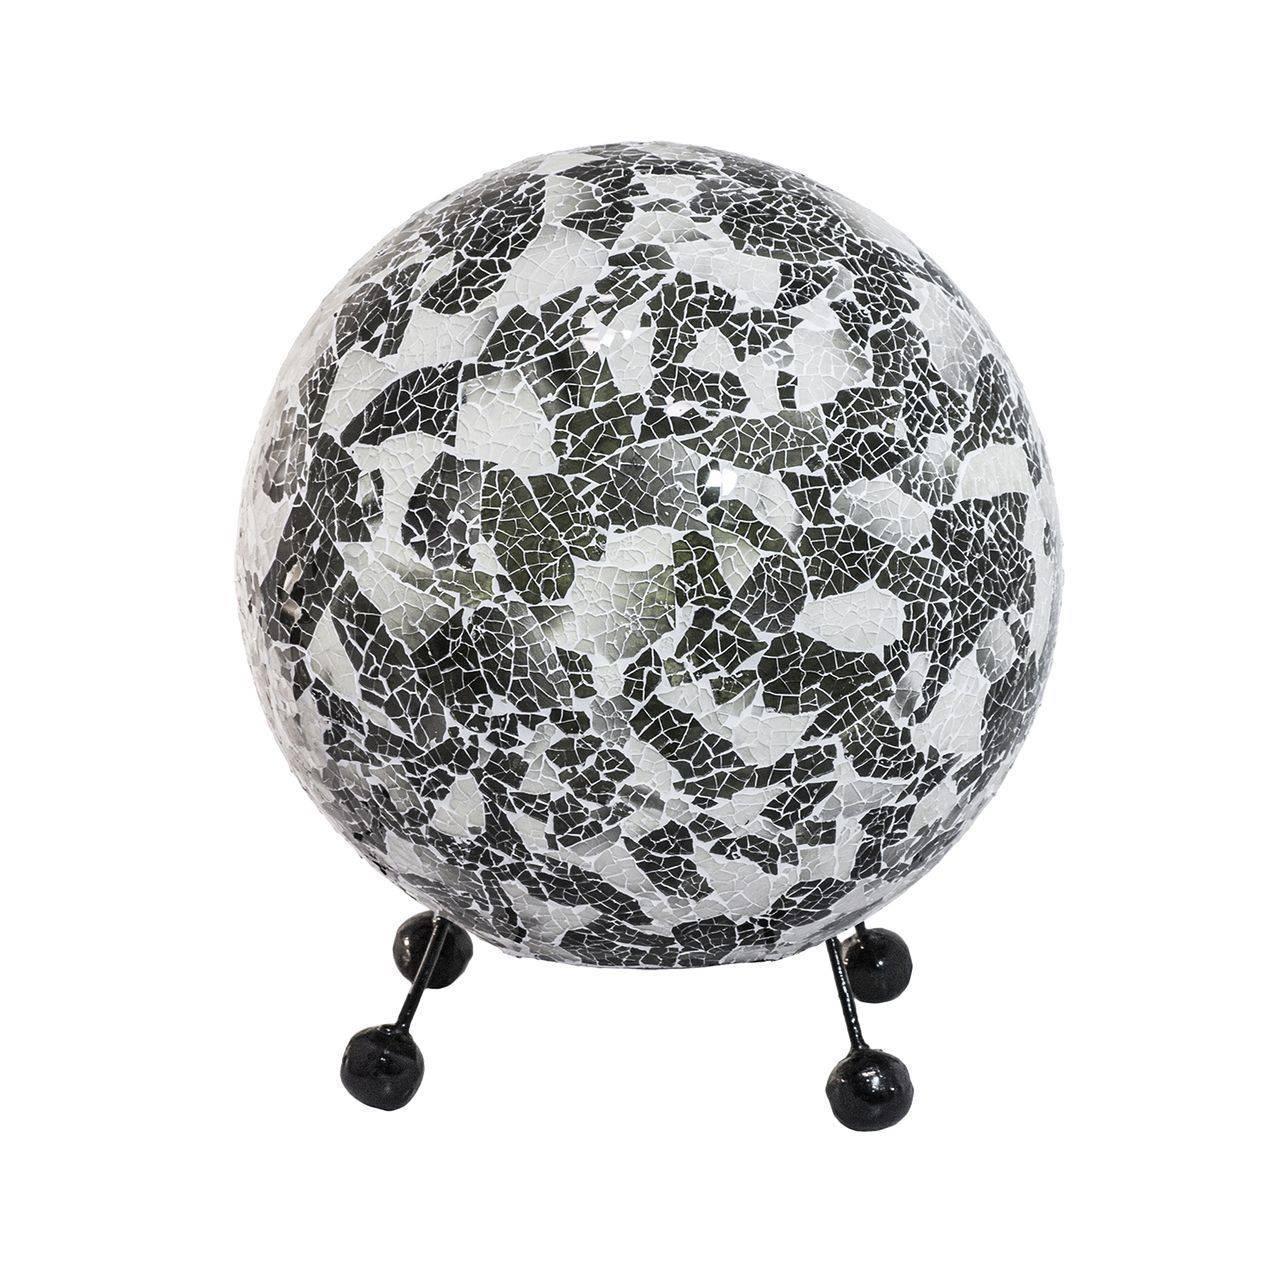 Настольная лампа Globo Bali 25830 настольная лампа globo bali 25830